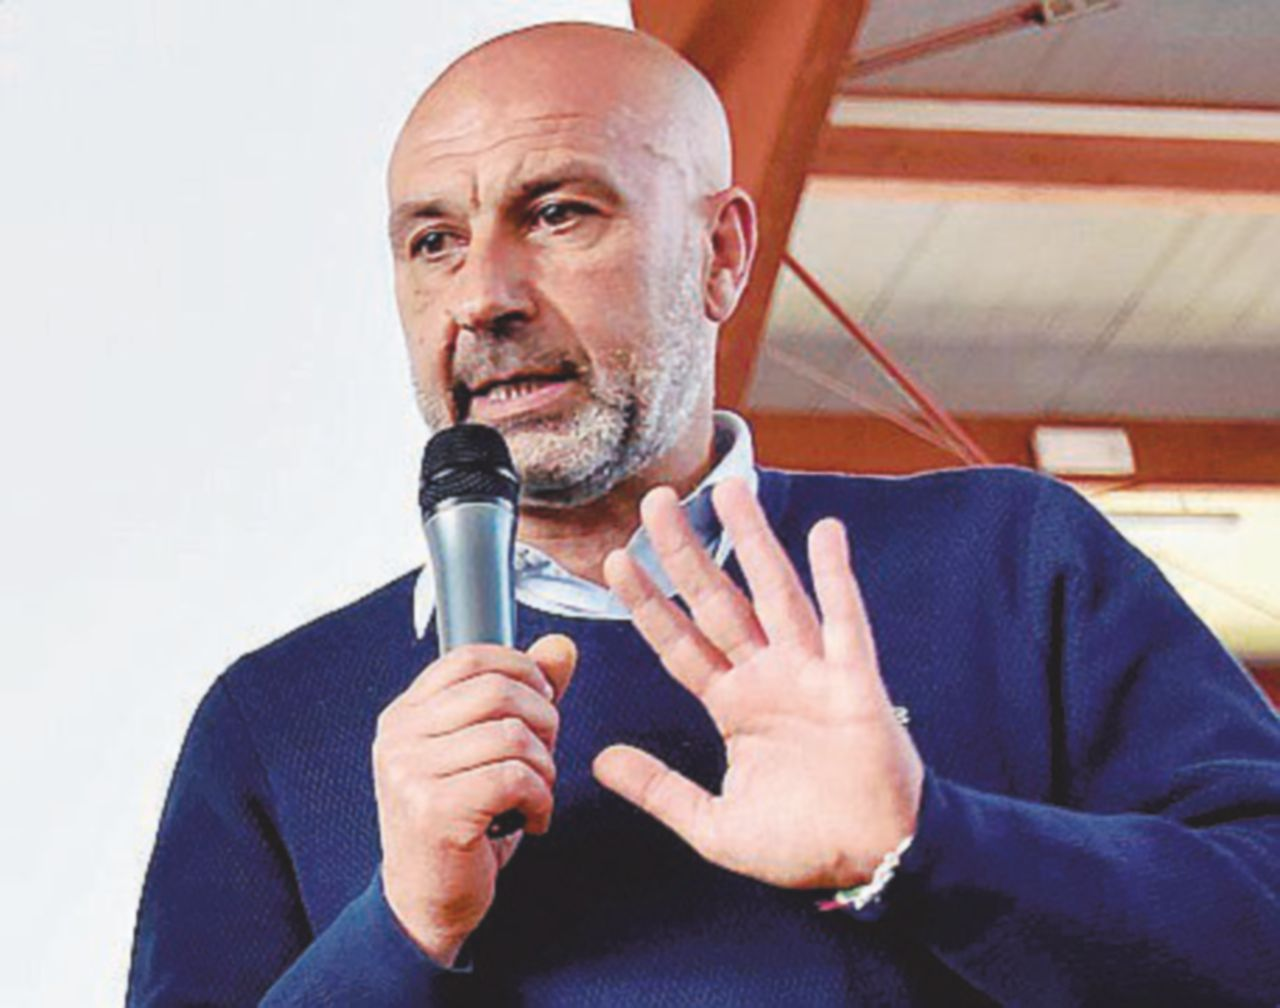 """Il sindaco di Amatrice ai turisti: """"Niente selfie sennò mi incazzo"""". Pasqua difficile per i terremotati"""